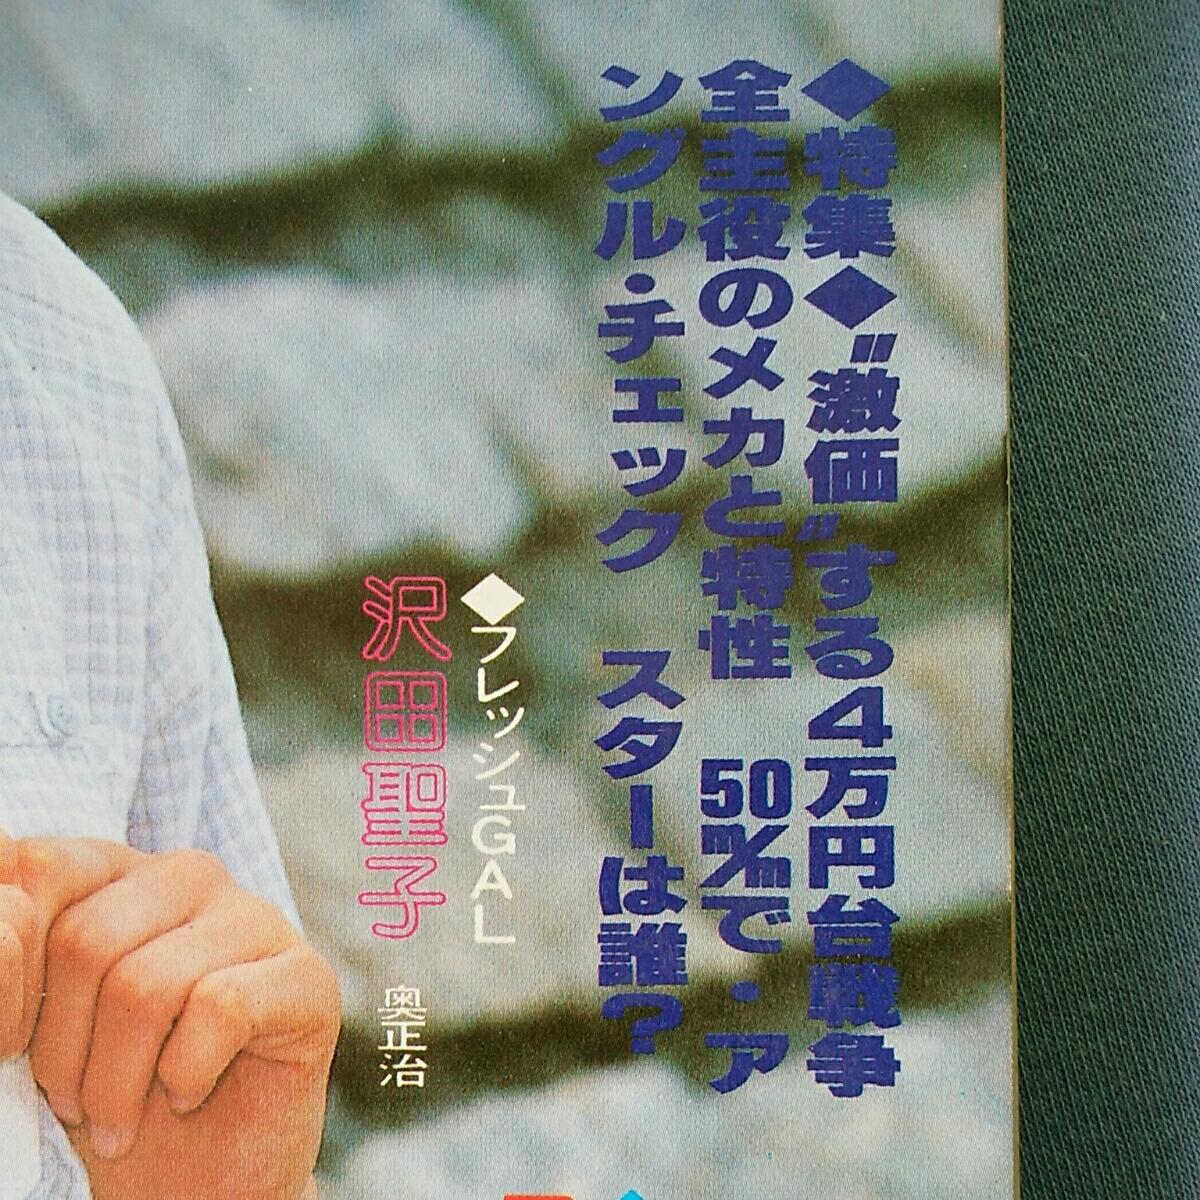 【全国送料無料】月刊カメラマン 1979年(昭和54年)11月号 表紙 能勢慶子 沢田聖子 浅野ゆう子 _画像3